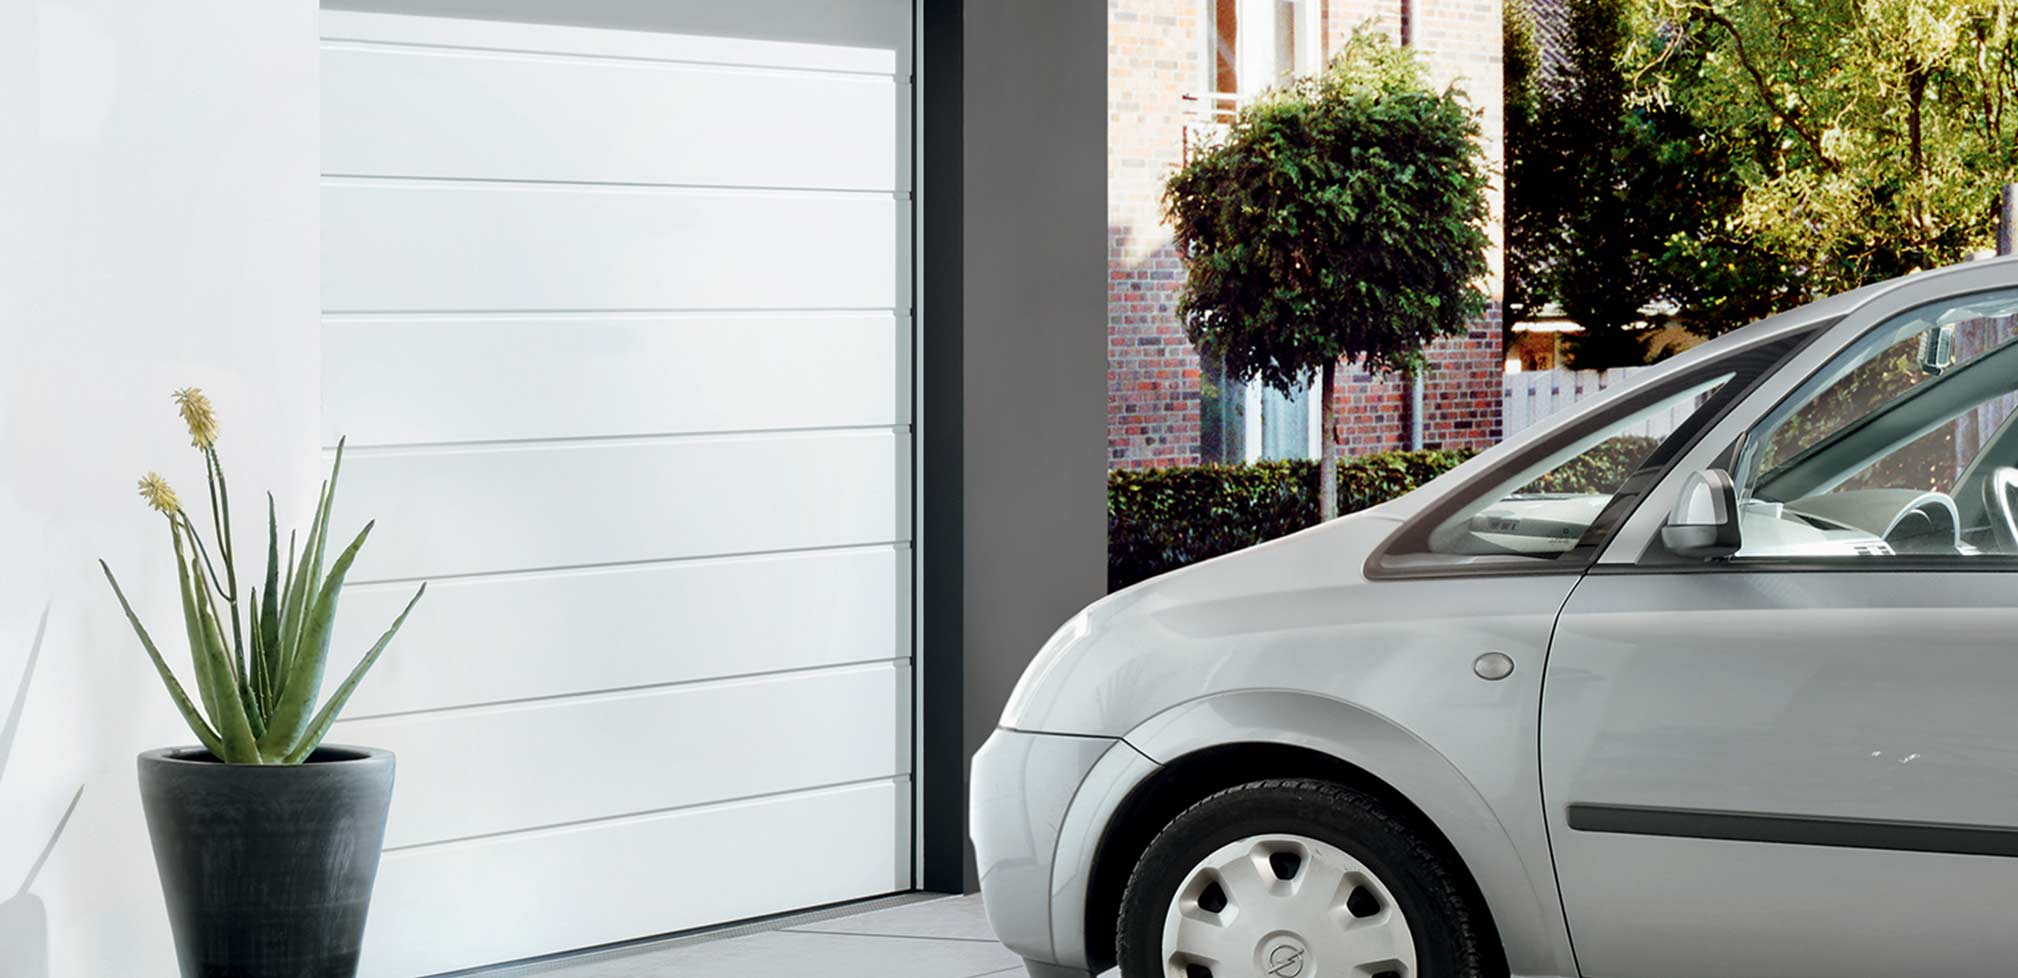 porte de garage h rmann paris 75005 home garde protection point fort fichet paris. Black Bedroom Furniture Sets. Home Design Ideas